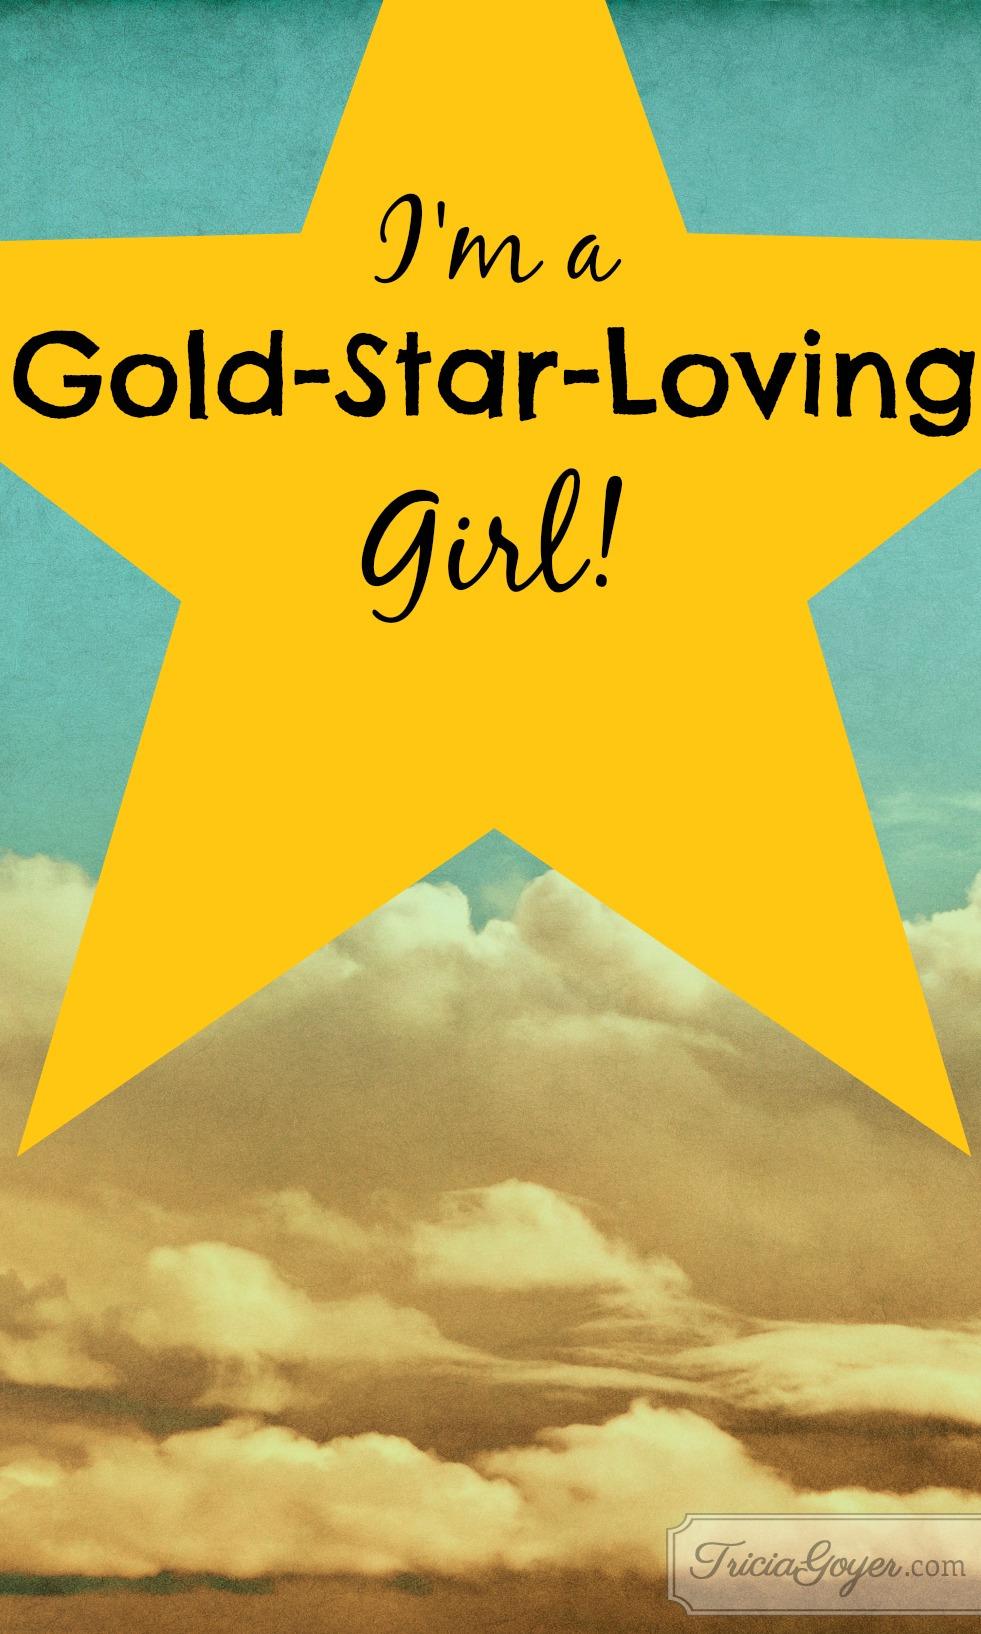 I'm a Gold-Star-Loving Girl!